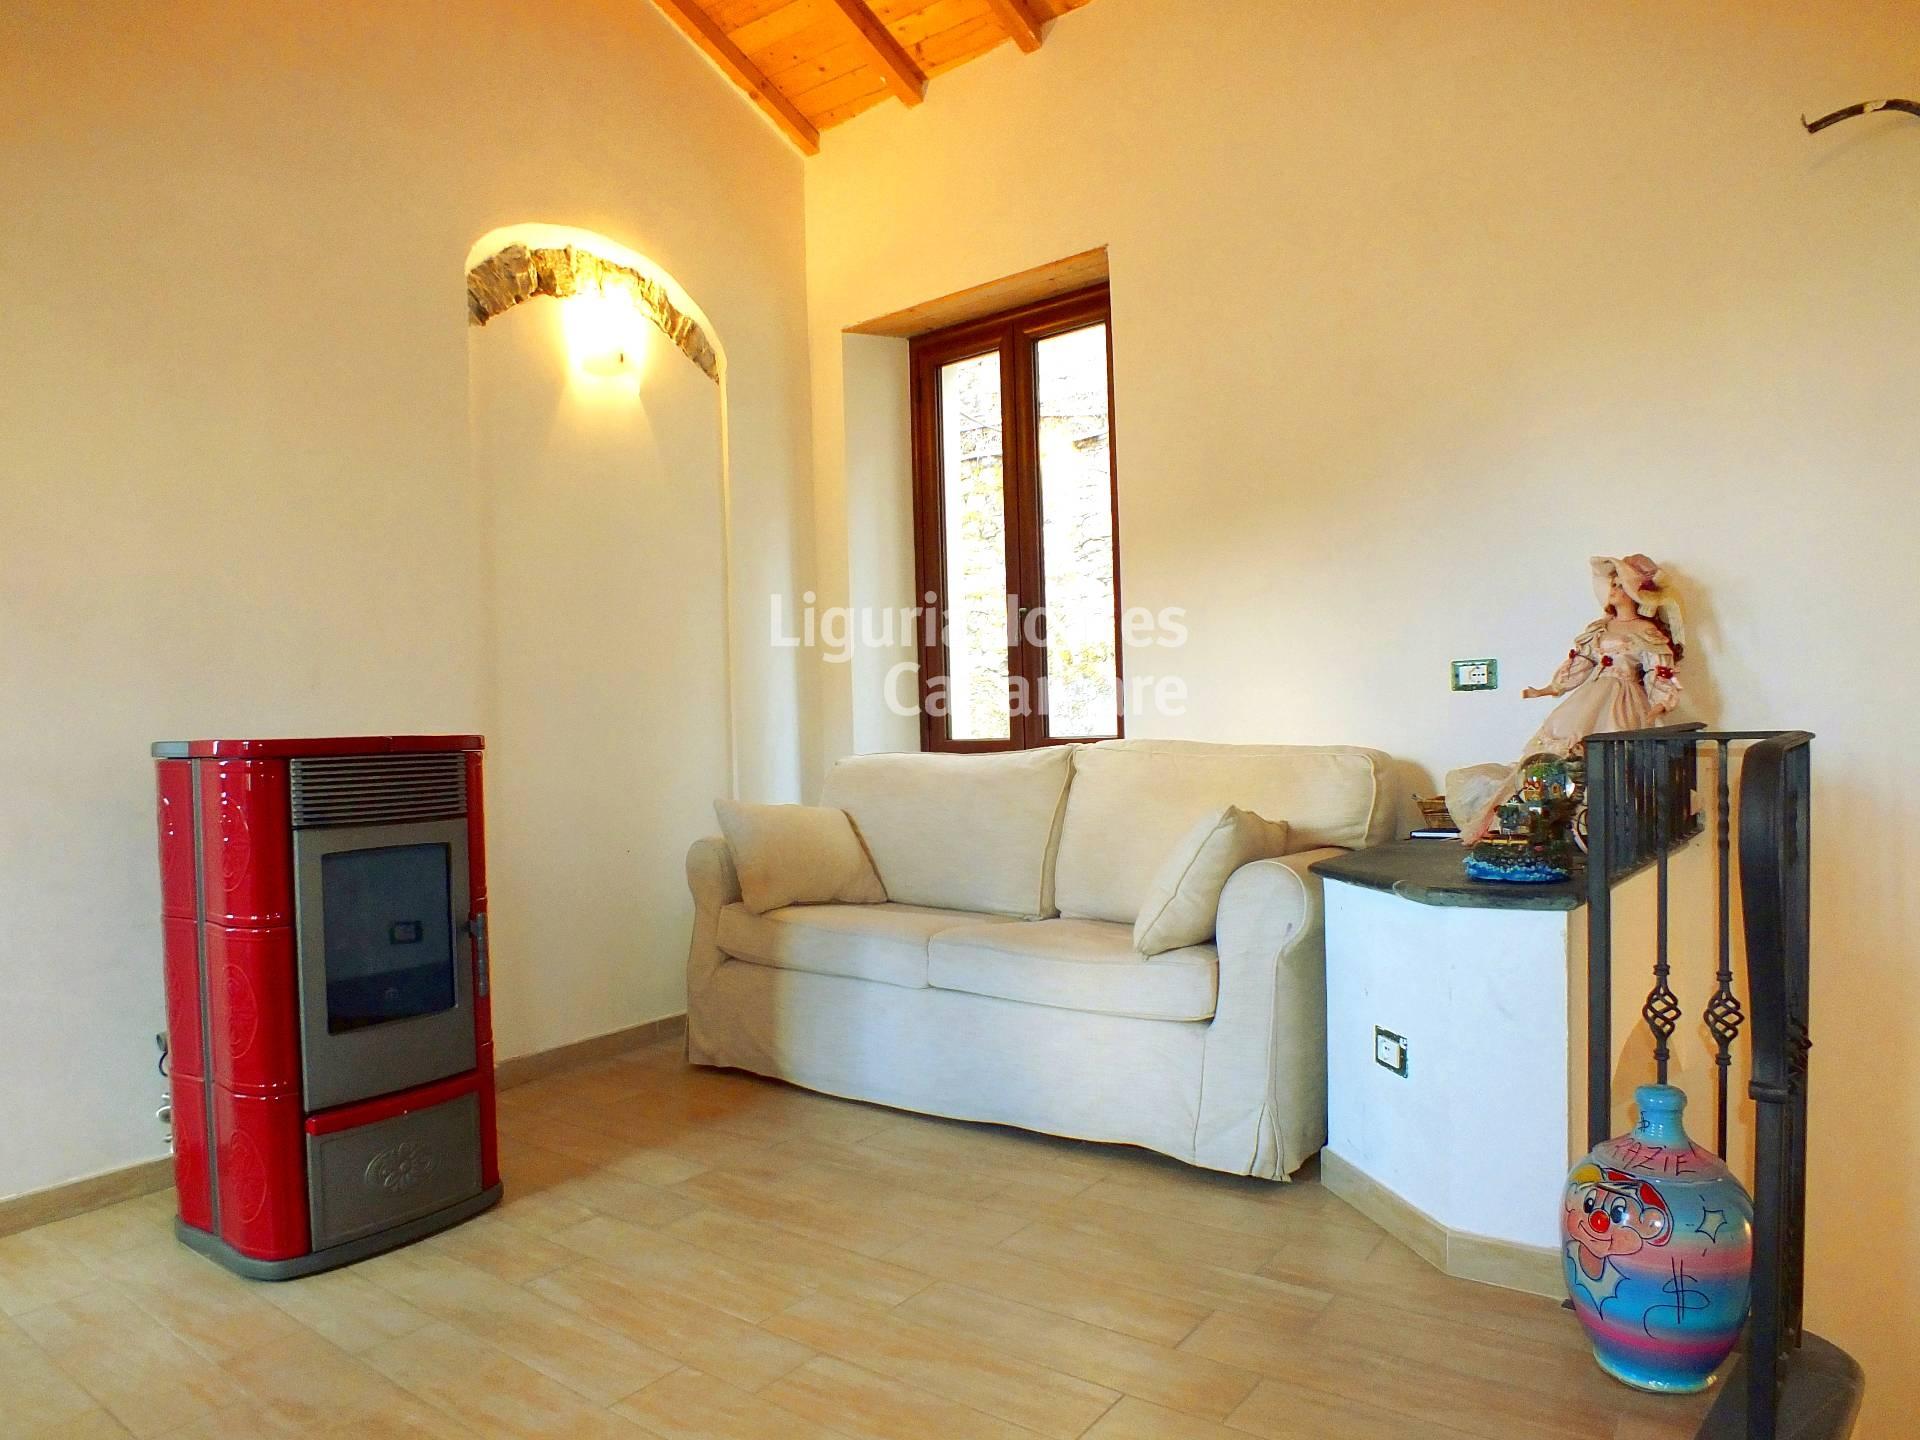 Appartamento in vendita a Pietrabruna, 4 locali, prezzo € 150.000 | CambioCasa.it